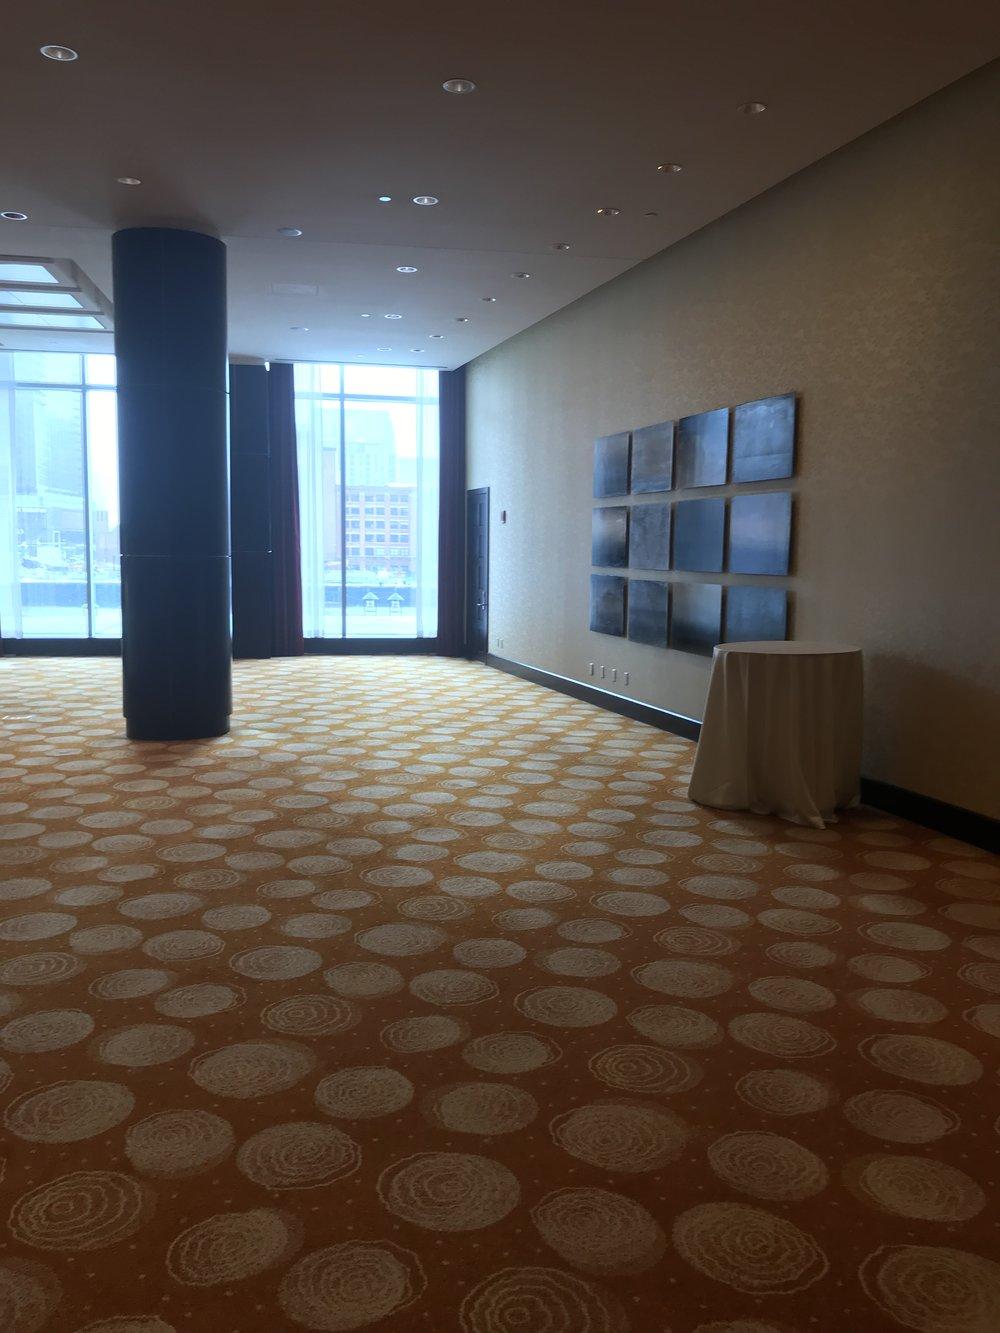 Intercontinental Second Floor (16).jpg